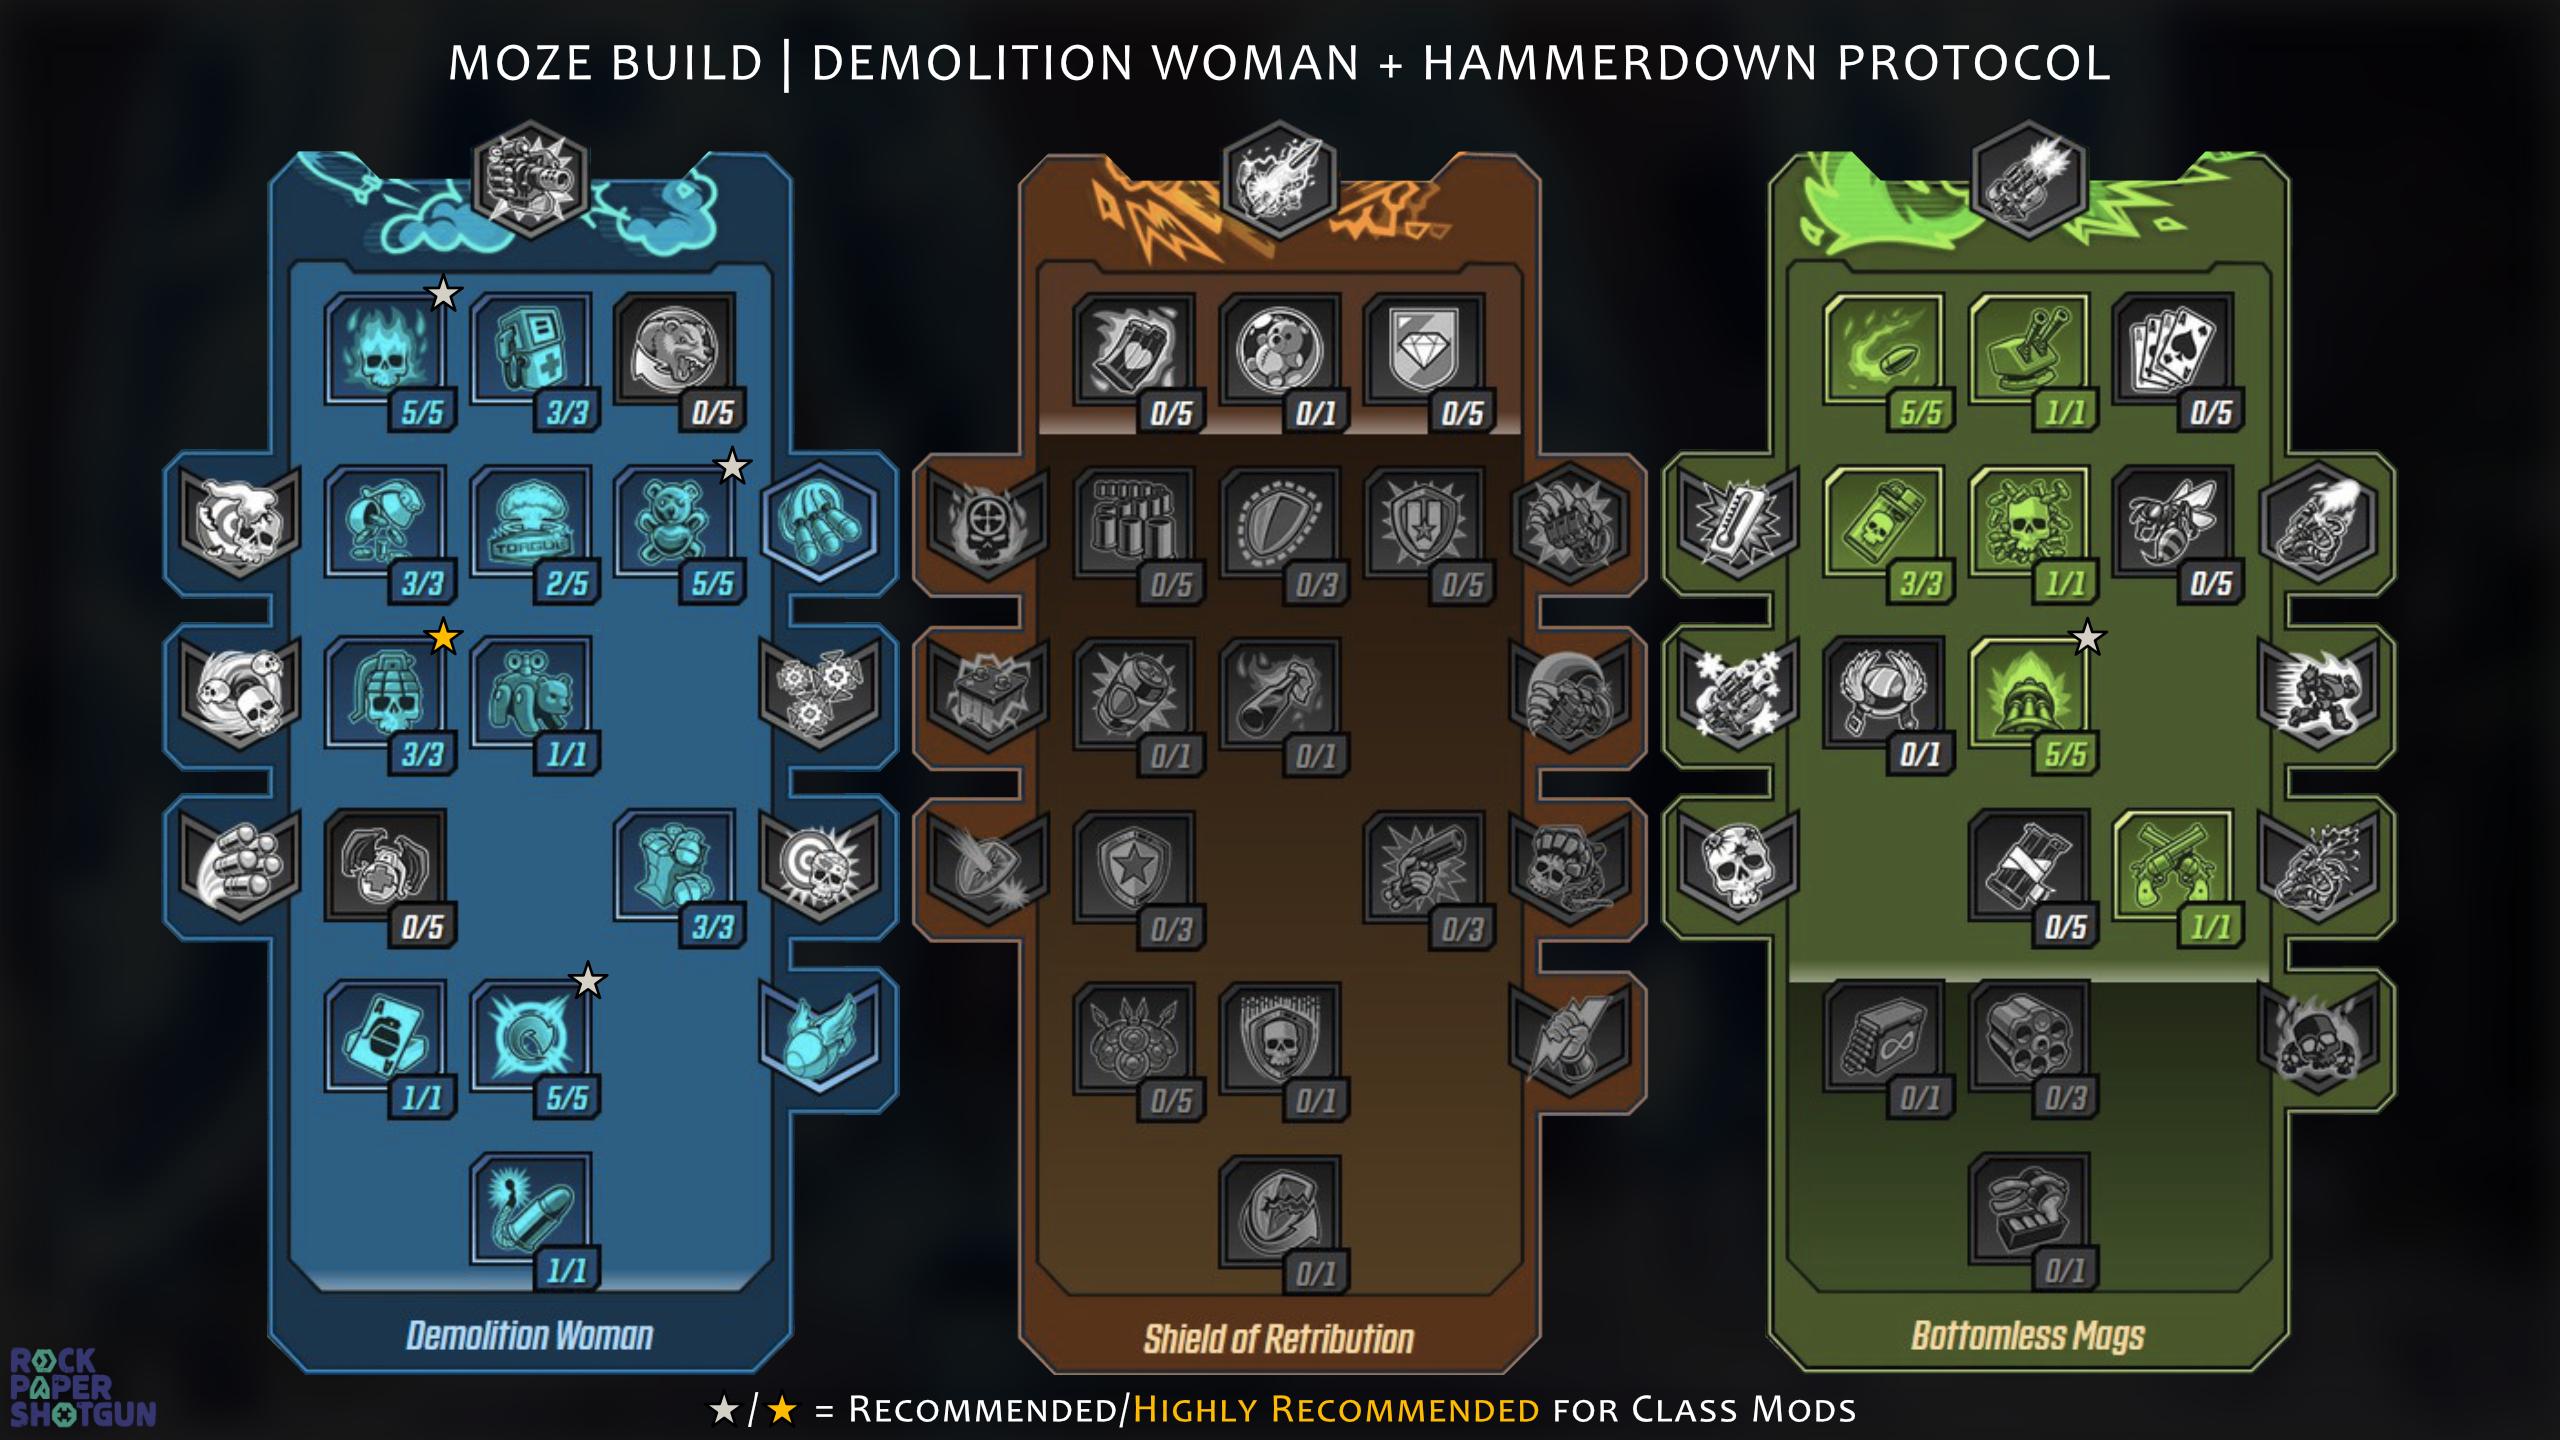 Borderlands 3 Moze build - Demolition Woman & Hammerdown Protocol